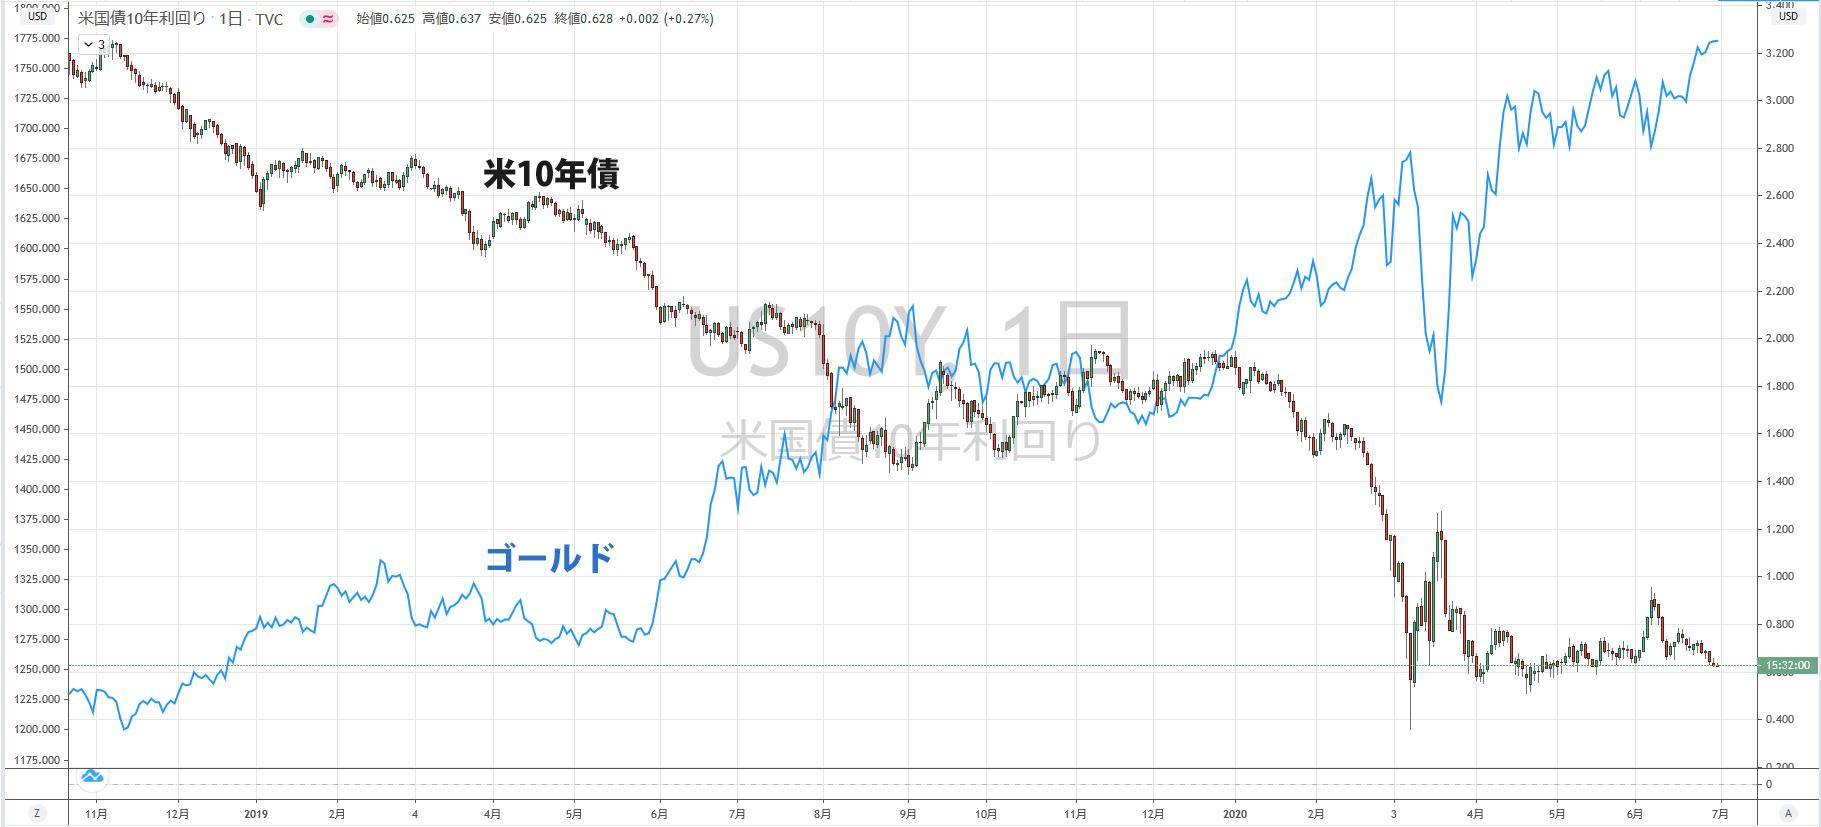 米10年債利回りとゴールドの逆相関が分かるチャート